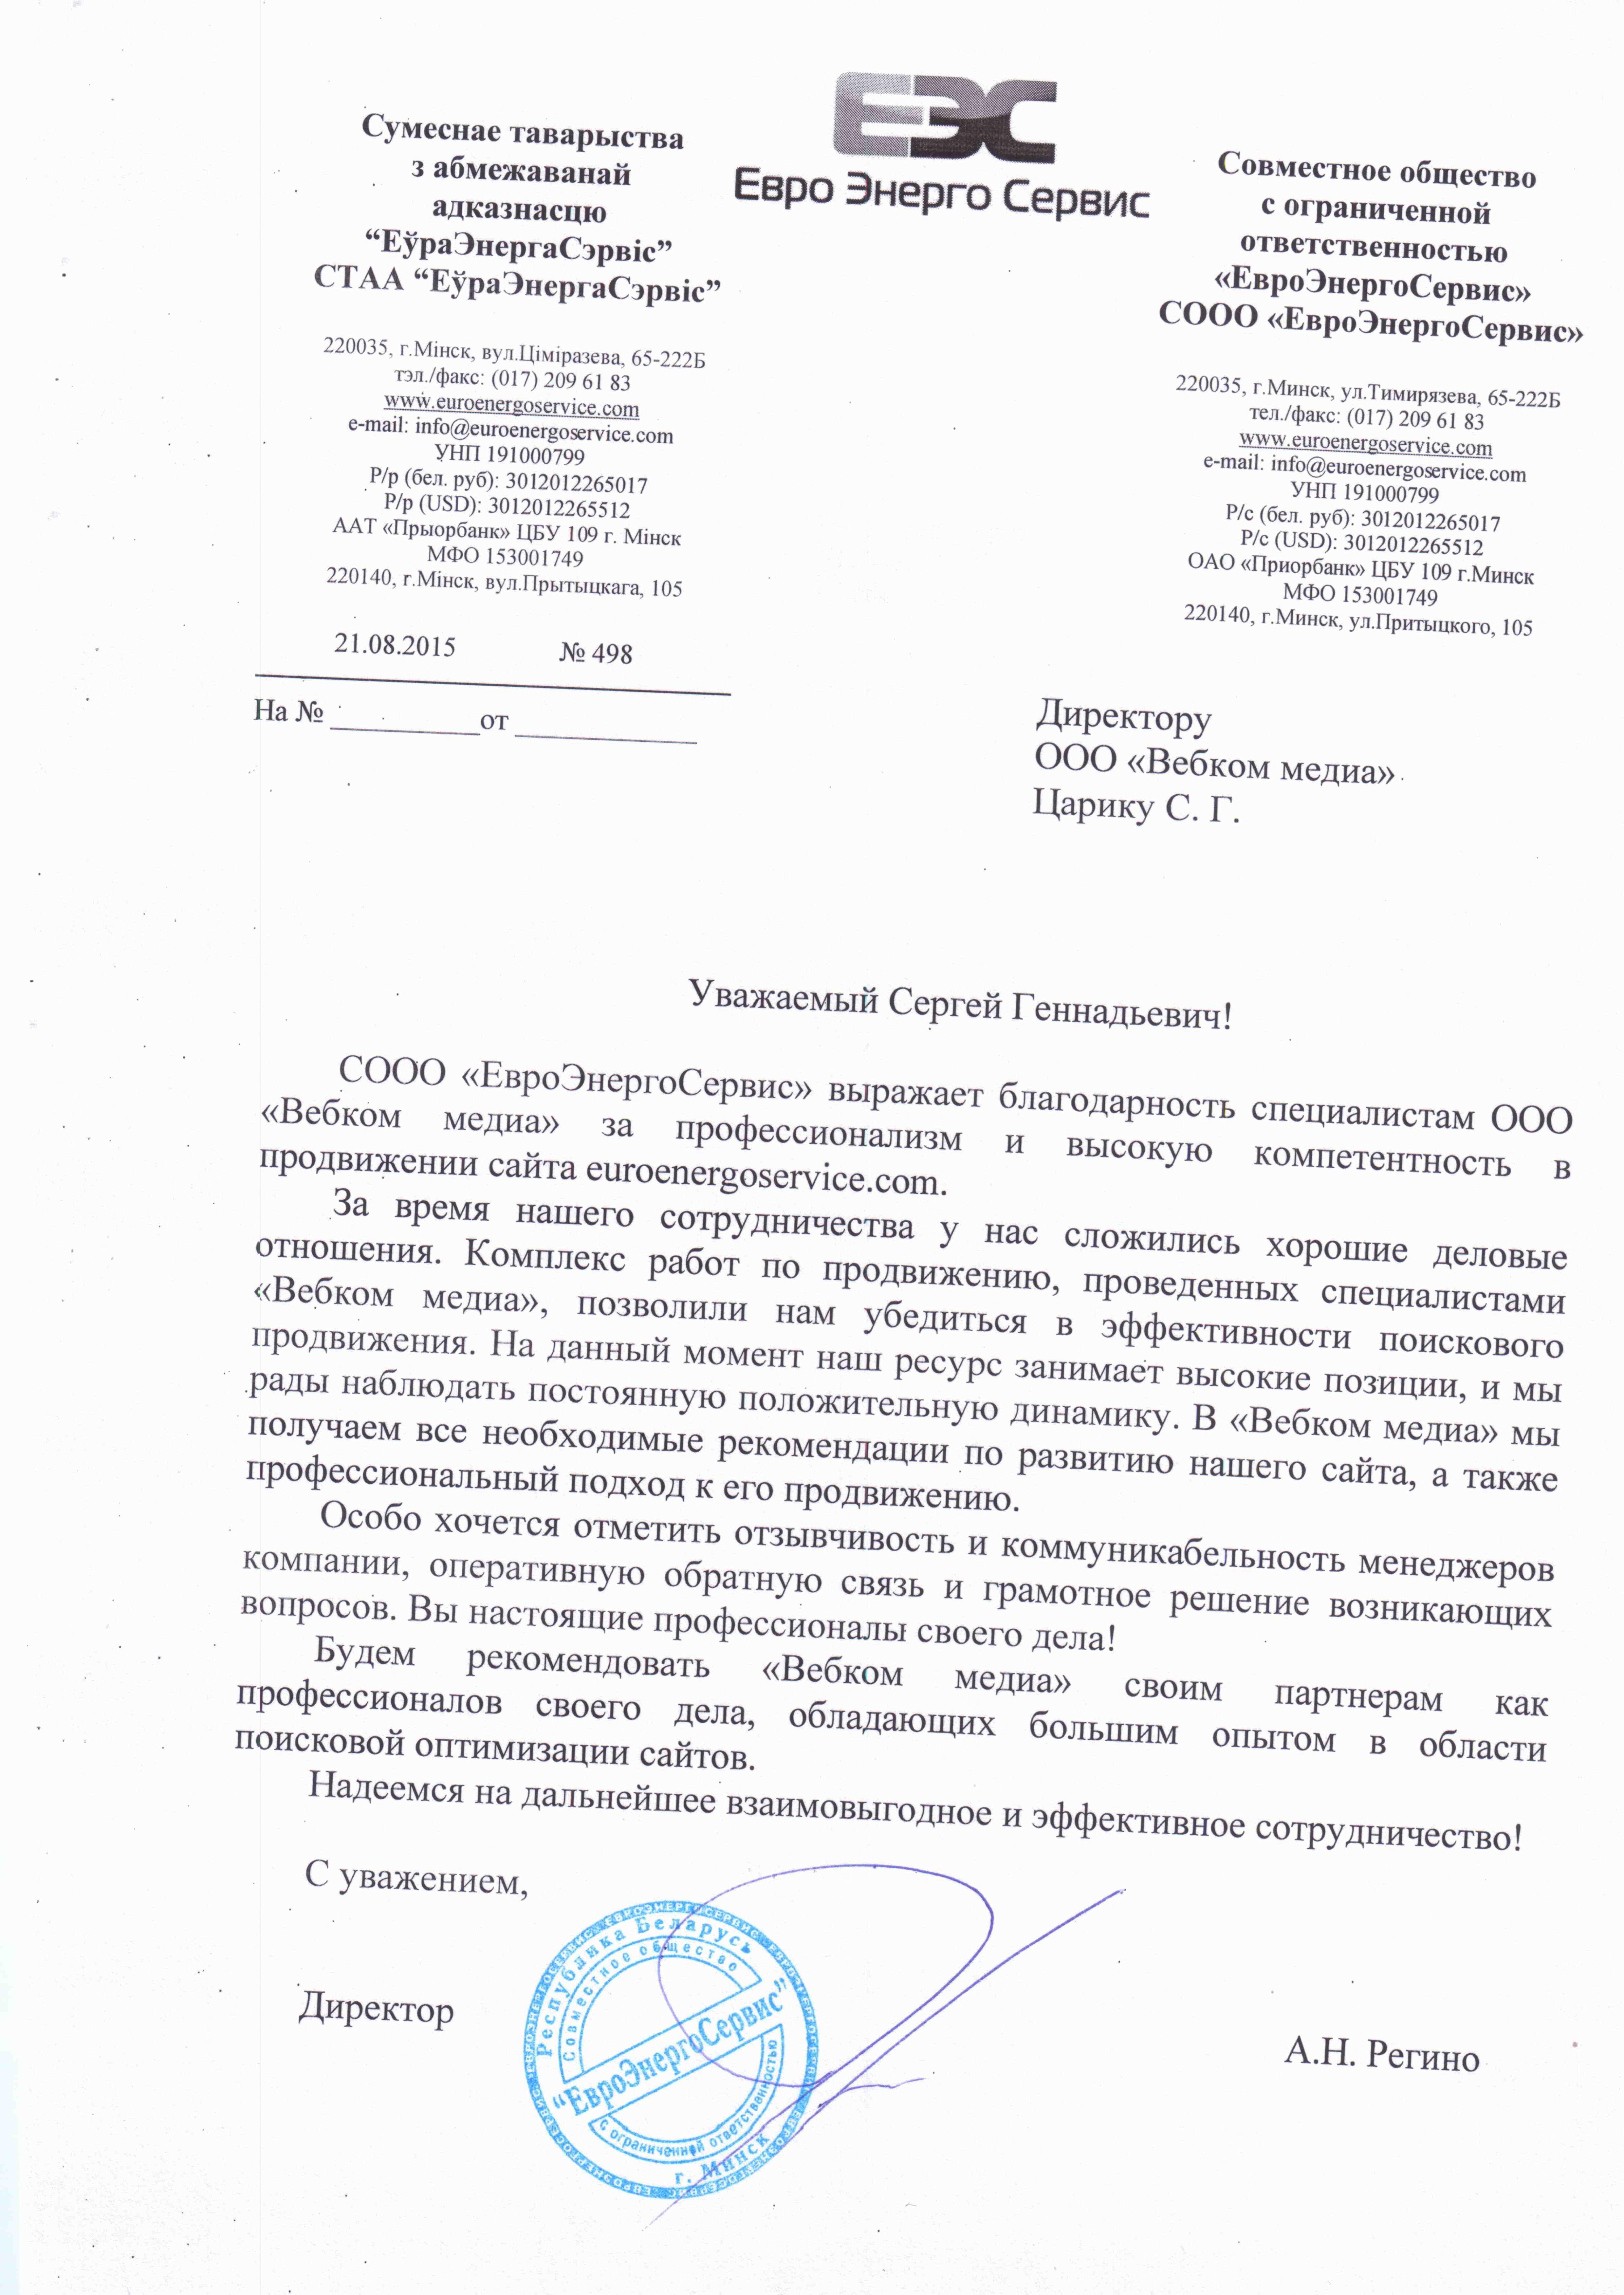 Директор СООО «ЕвроЭнергоСервис»